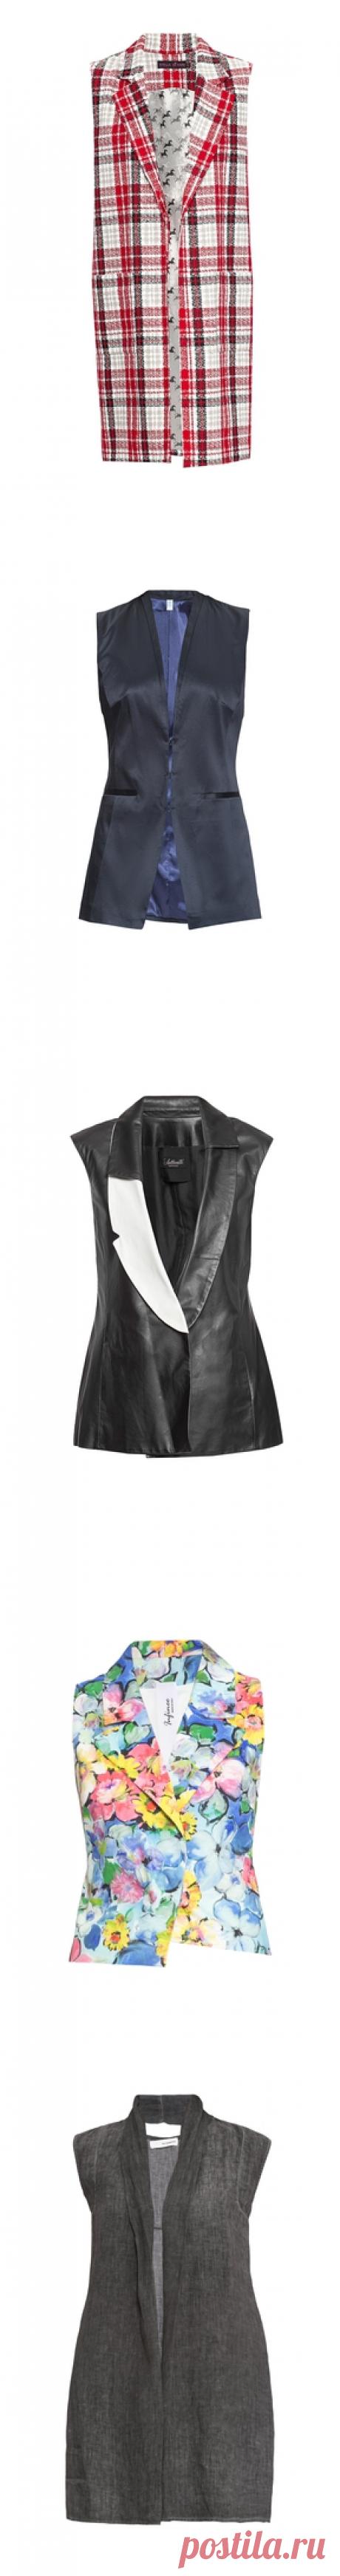 Купить женские жилетки - Модные меховые жилеты Интернет магазин брендовой одежды премиум-класса онлайн бутик - Topbrands.ru